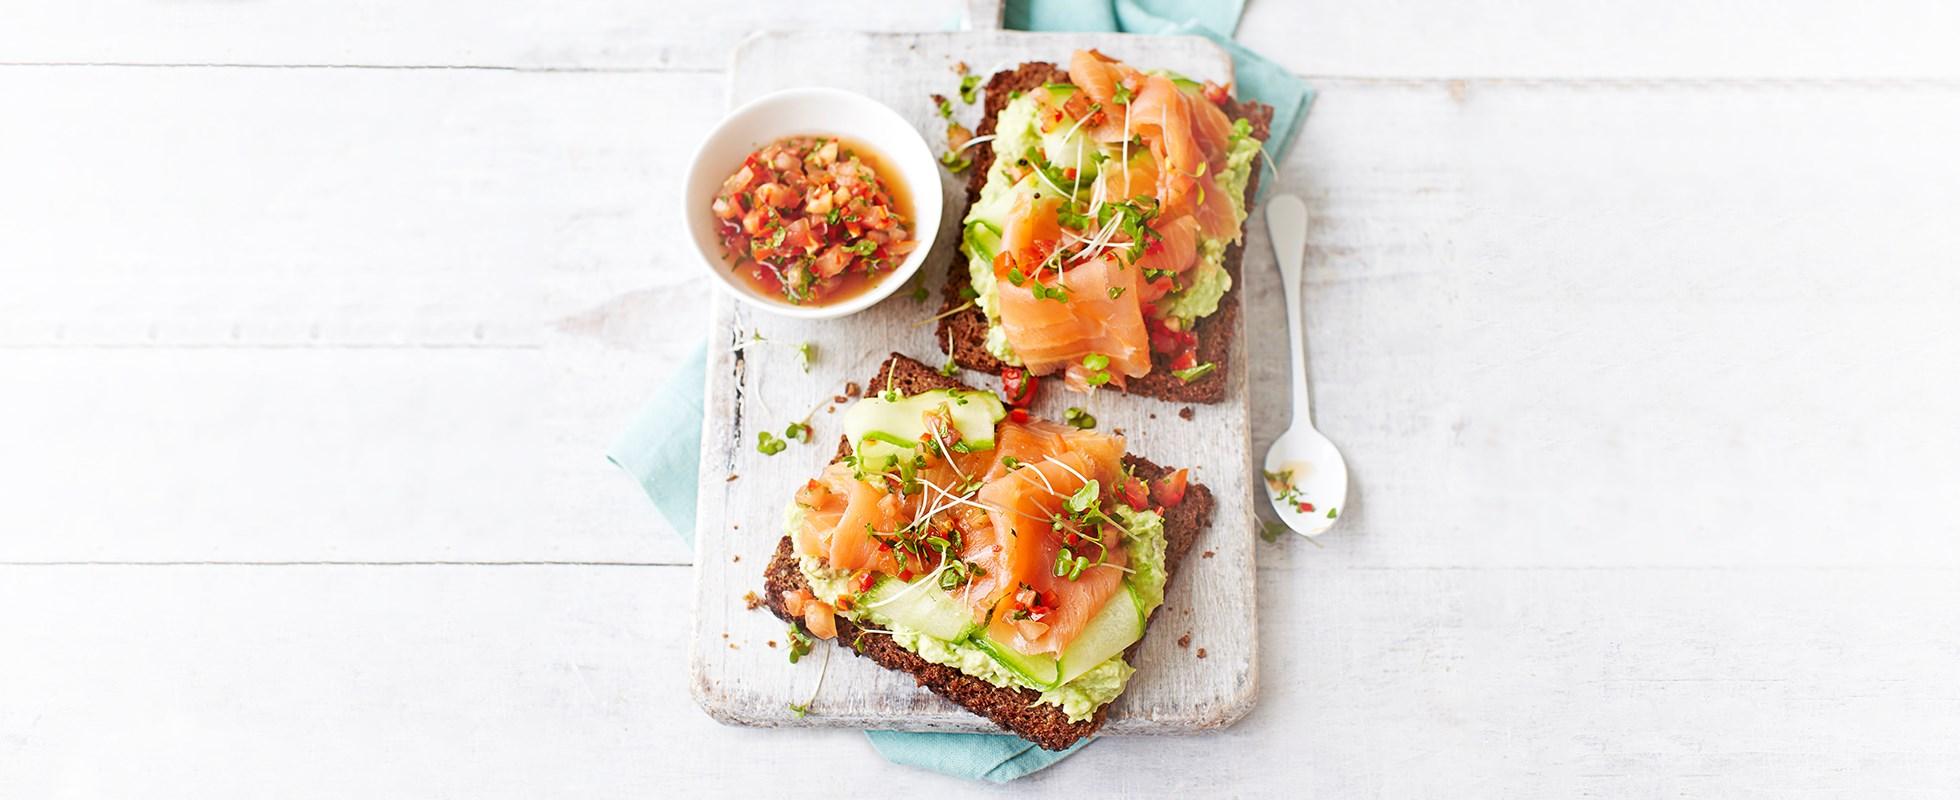 Avocado and smoked salmon toasts